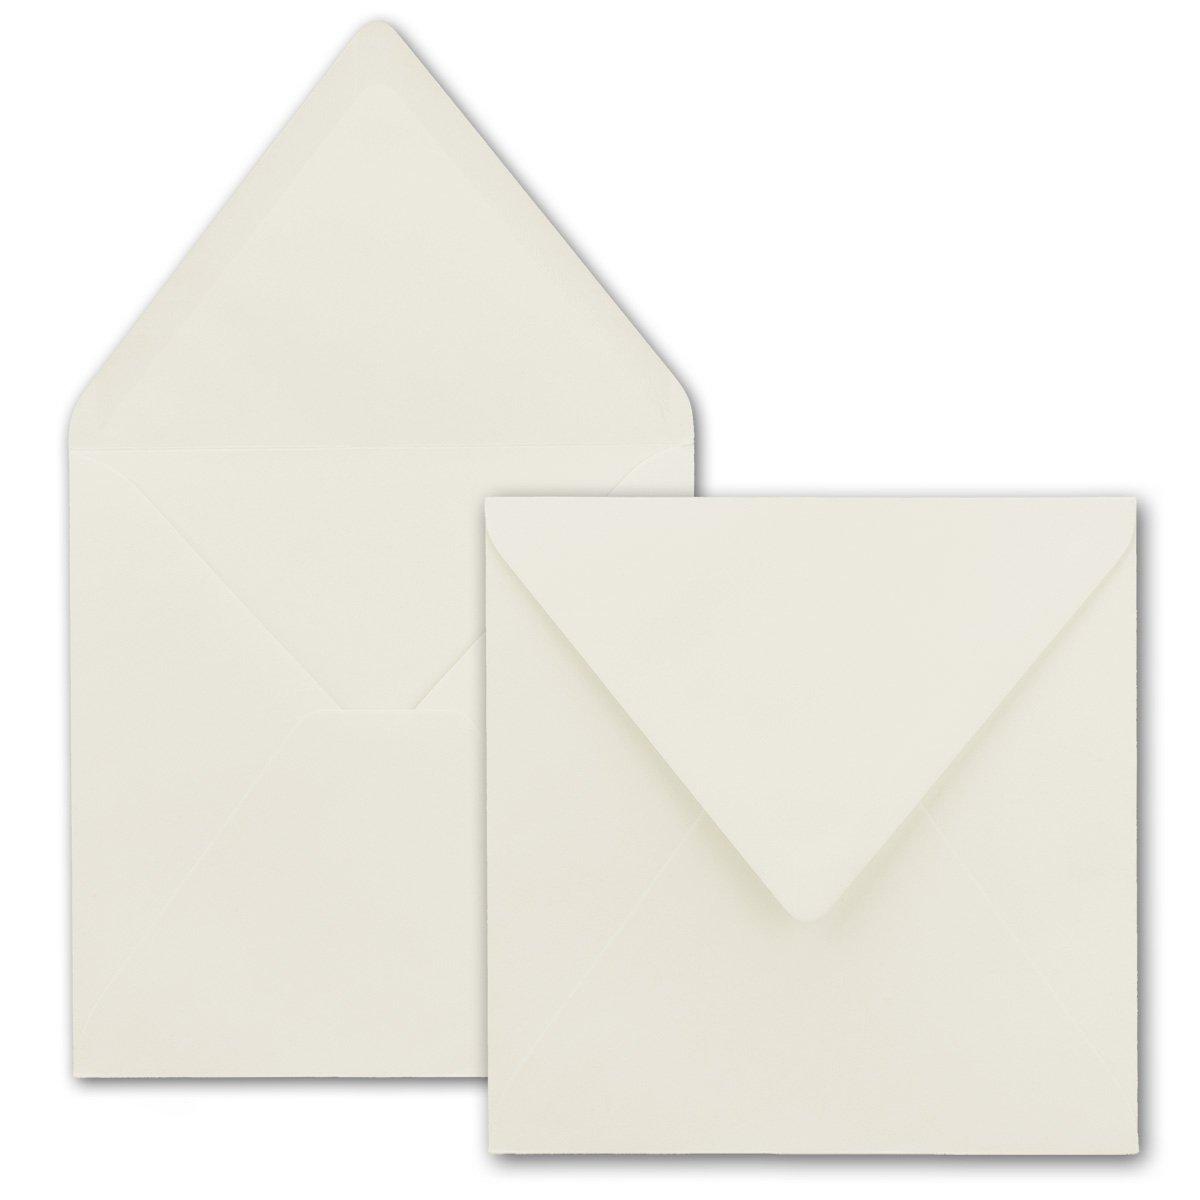 F/ür Einladungen /& Hochzeit! Farbe Naturwei/ß 75 St/ück Serie FarbenFroh/® Nassklebung Quadratische Brief-Umschl/äge 155 x 155 mm